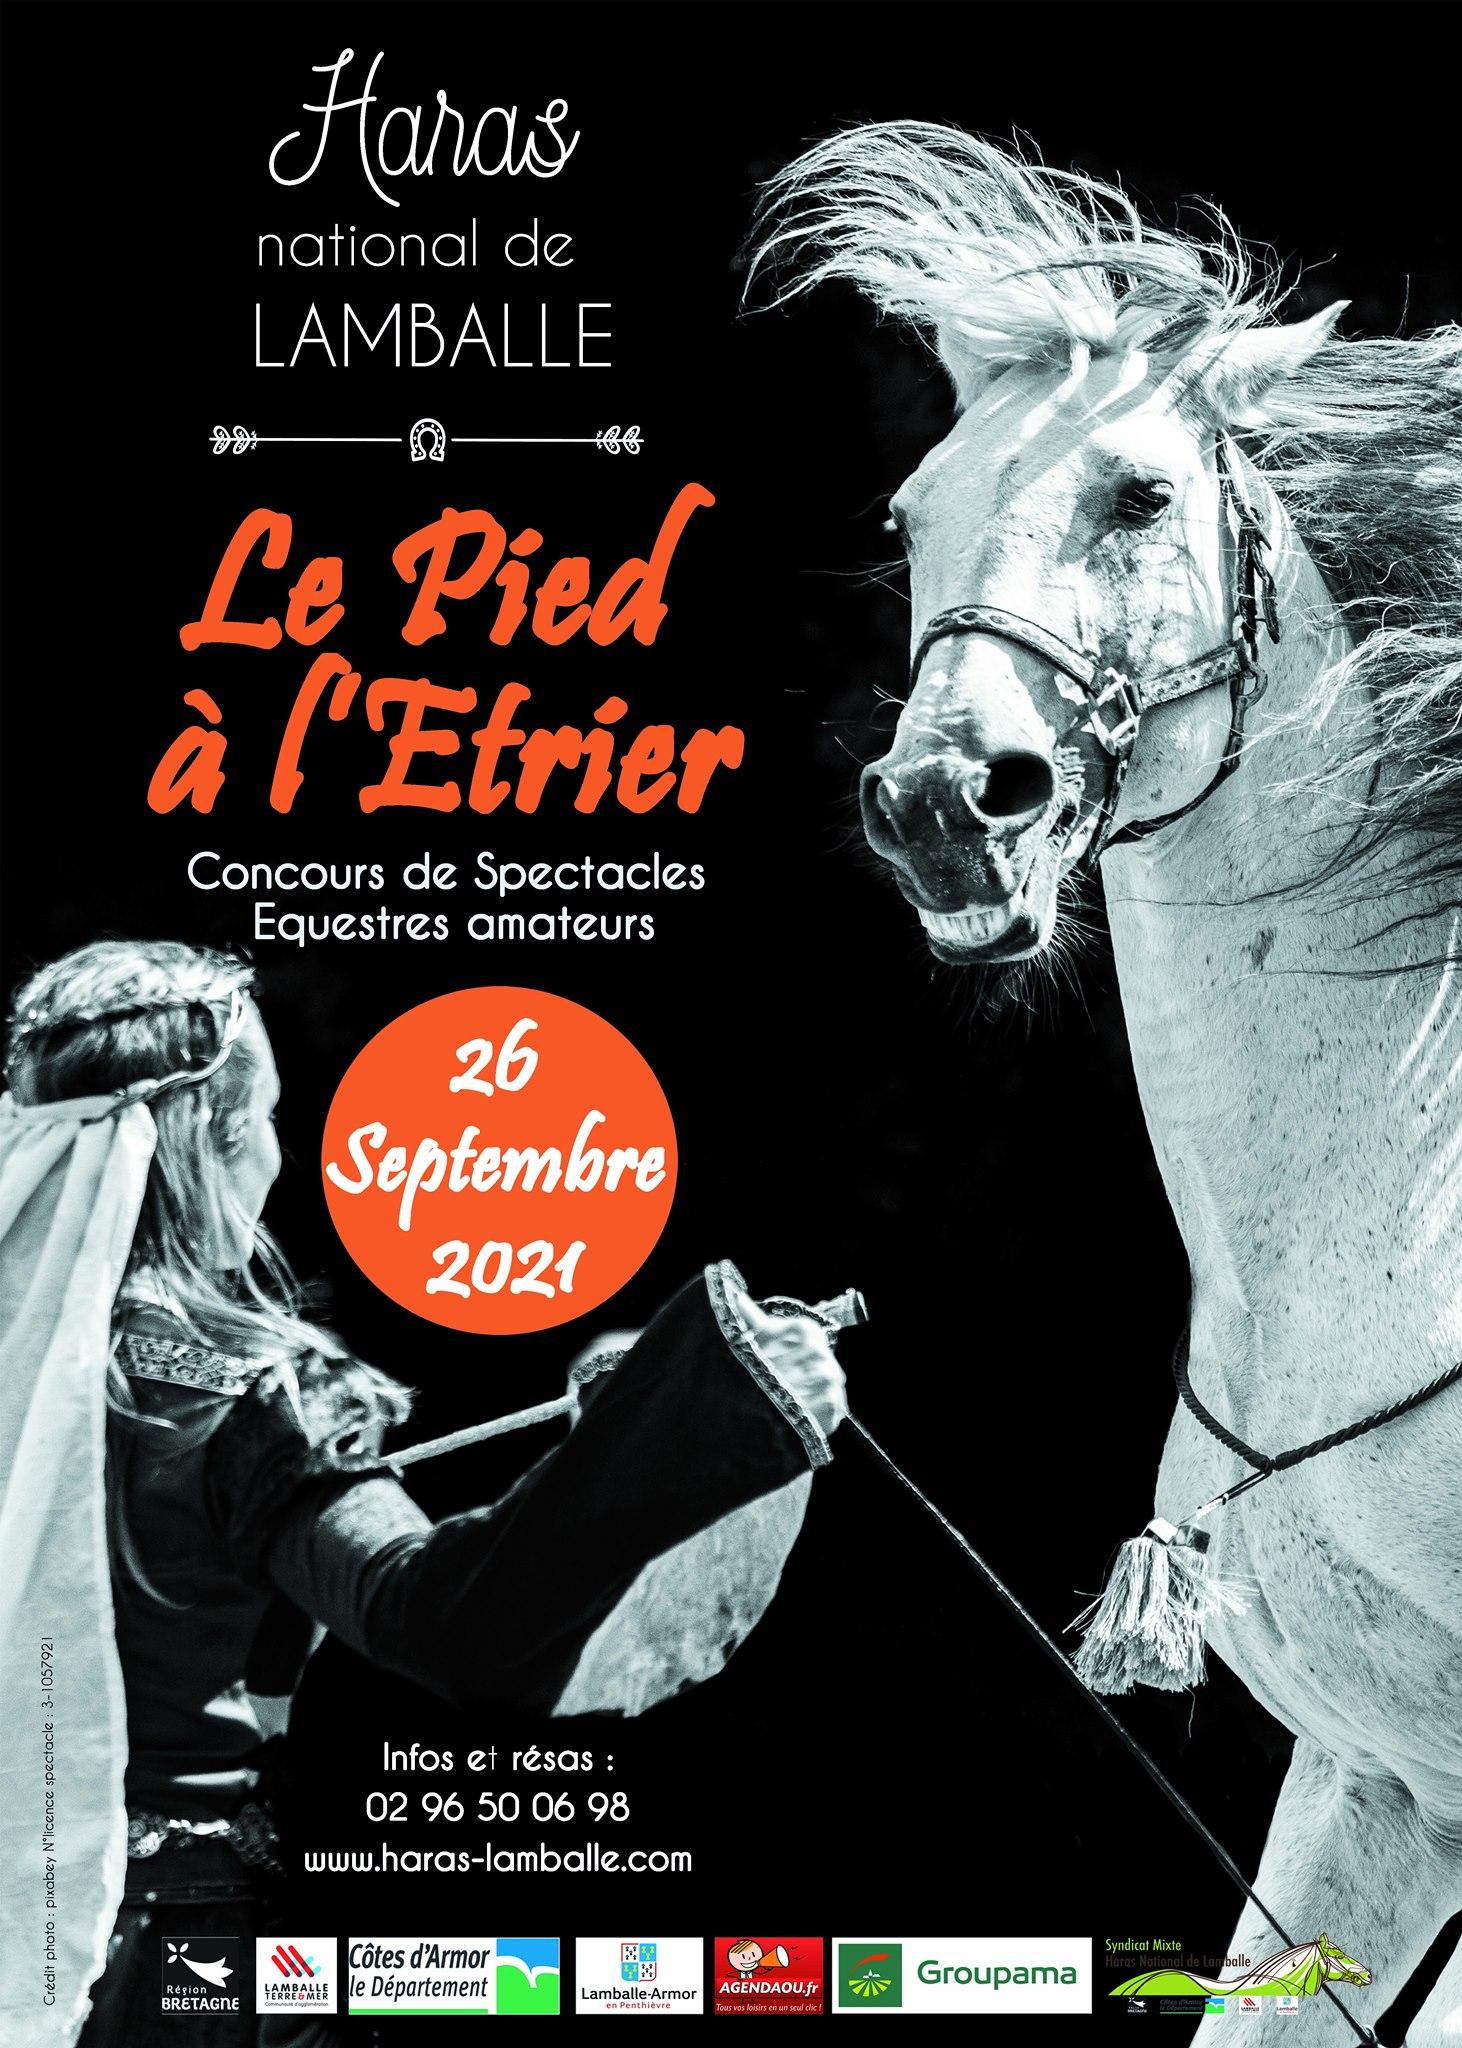 Concours de spectacle équestre - Le Pieds à l'Etrier au Haras National de Lamballe